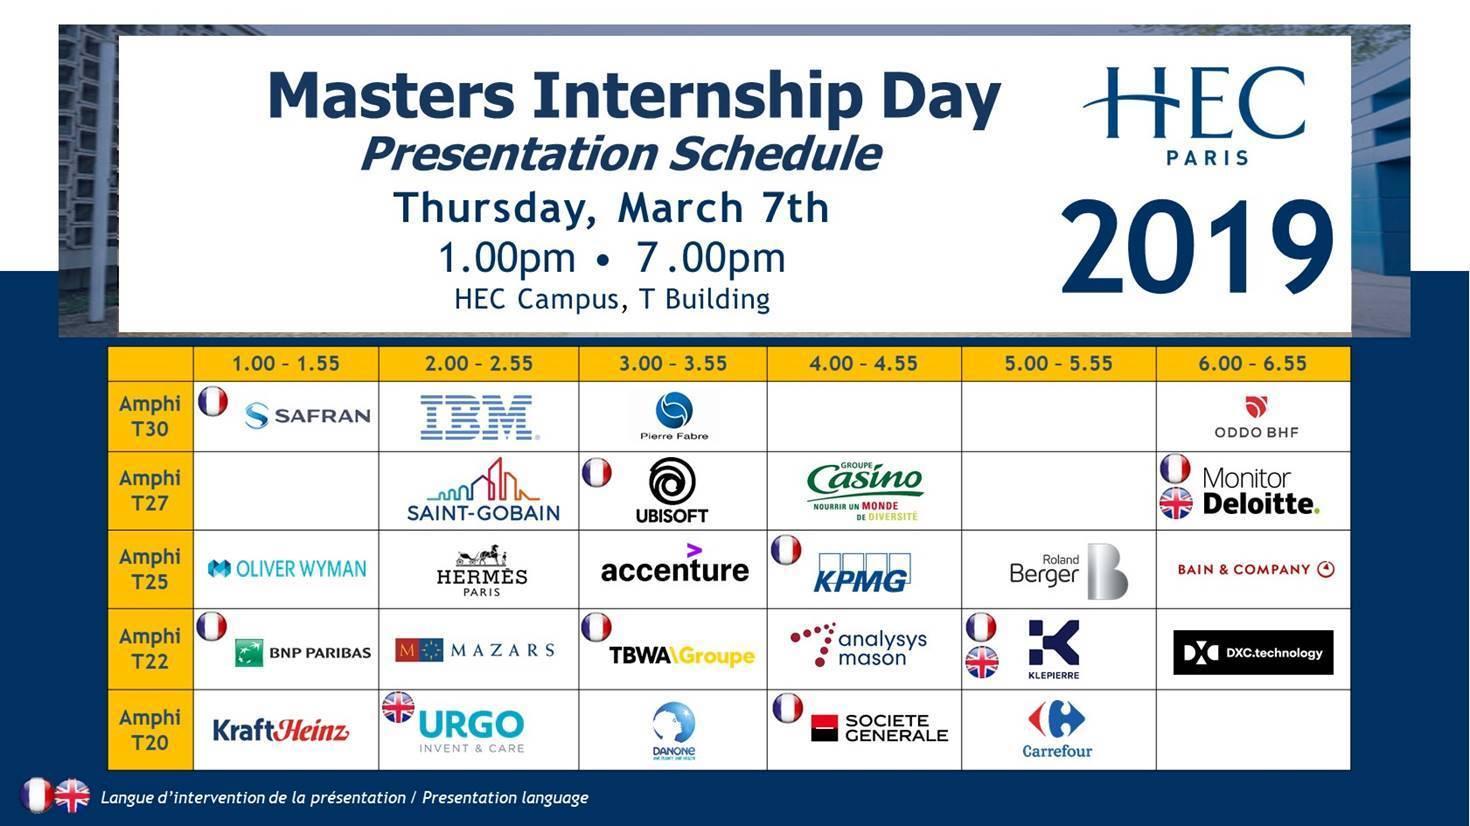 Masters Internship Day Schedule